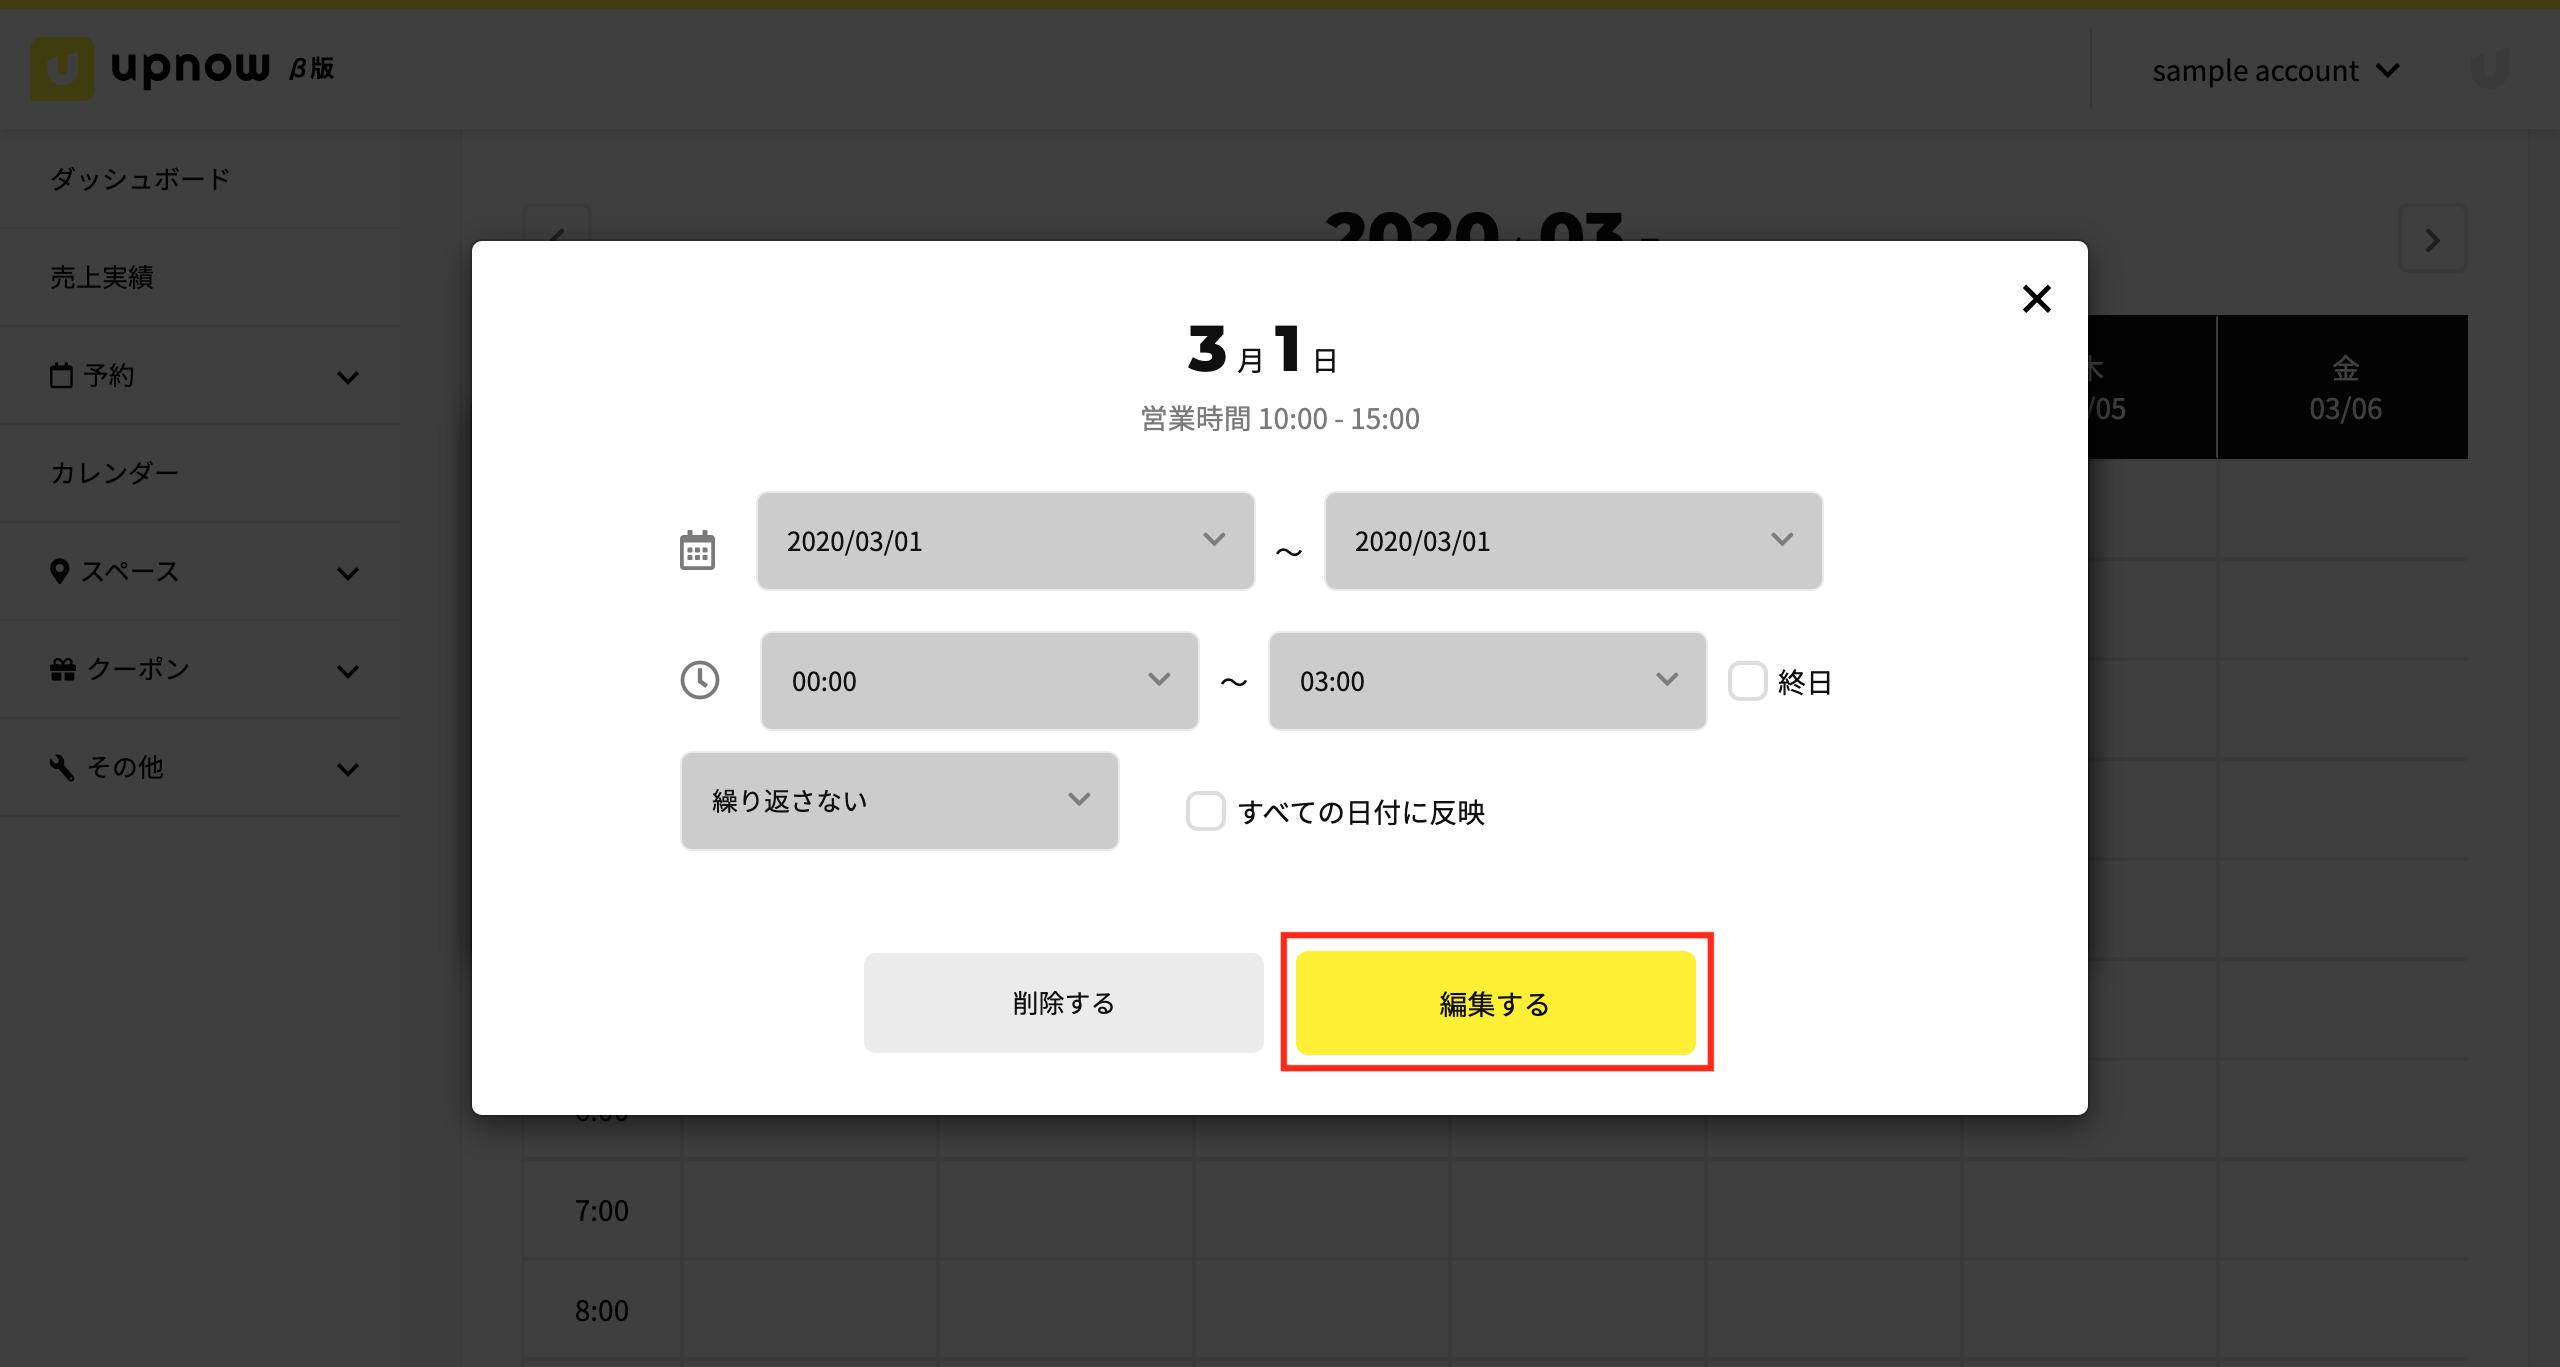 スクリーンショット 2020-01-10 15.39.27.png